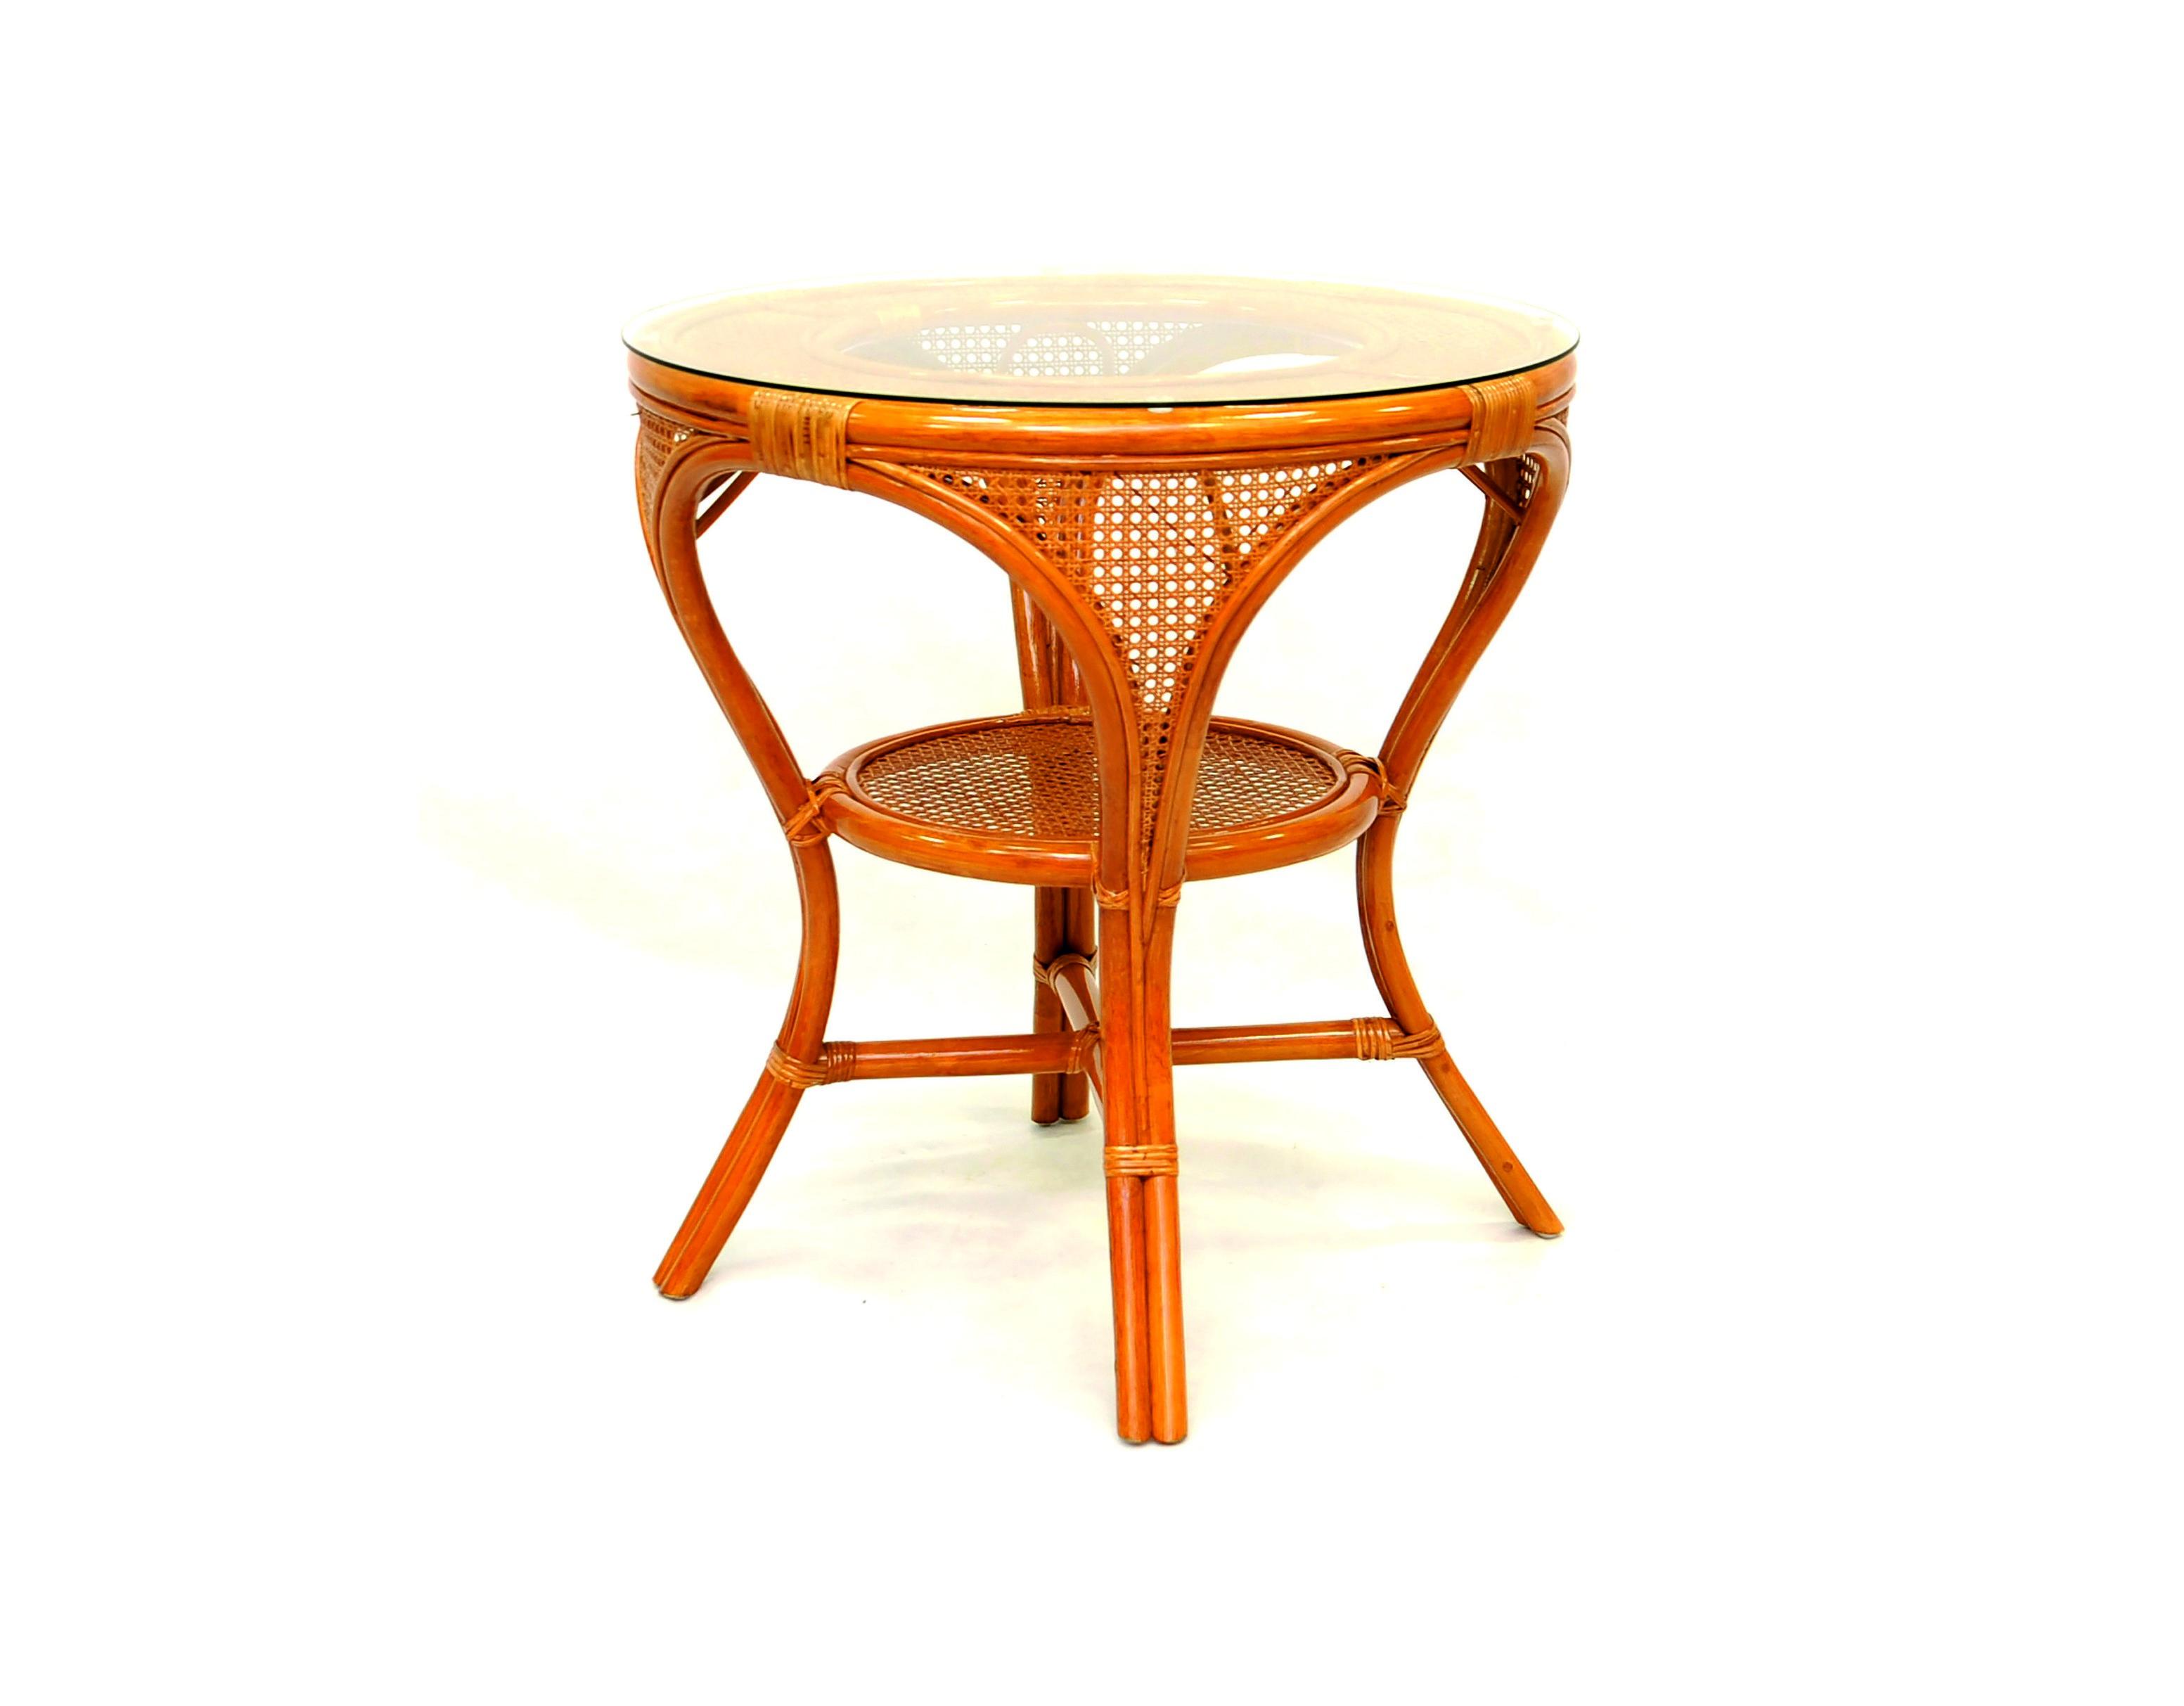 Стол обеденный MokkoСтолы для улицы<br>Важным достоинством ротангового стола является его легкость, что позволяет его свободно перемещать. Каждый плетеный стол из ротанга - уникален, так как все делается вручную.&amp;amp;nbsp;&amp;lt;div&amp;gt;&amp;lt;br&amp;gt;&amp;lt;/div&amp;gt;&amp;lt;div&amp;gt;Материал: натуральный ротанг&amp;lt;/div&amp;gt;&amp;lt;div&amp;gt;Цвет: коньячный&amp;lt;/div&amp;gt;&amp;lt;div&amp;gt;&amp;lt;span style=&amp;quot;line-height: 1.78571;&amp;quot;&amp;gt;Стекло на присосках&amp;lt;/span&amp;gt;&amp;lt;/div&amp;gt;&amp;lt;div&amp;gt;&amp;lt;span style=&amp;quot;line-height: 1.78571;&amp;quot;&amp;gt;Вес: 9,6 кг&amp;lt;/span&amp;gt;&amp;lt;/div&amp;gt;<br><br>Material: Ротанг<br>Height см: 78<br>Diameter см: 74